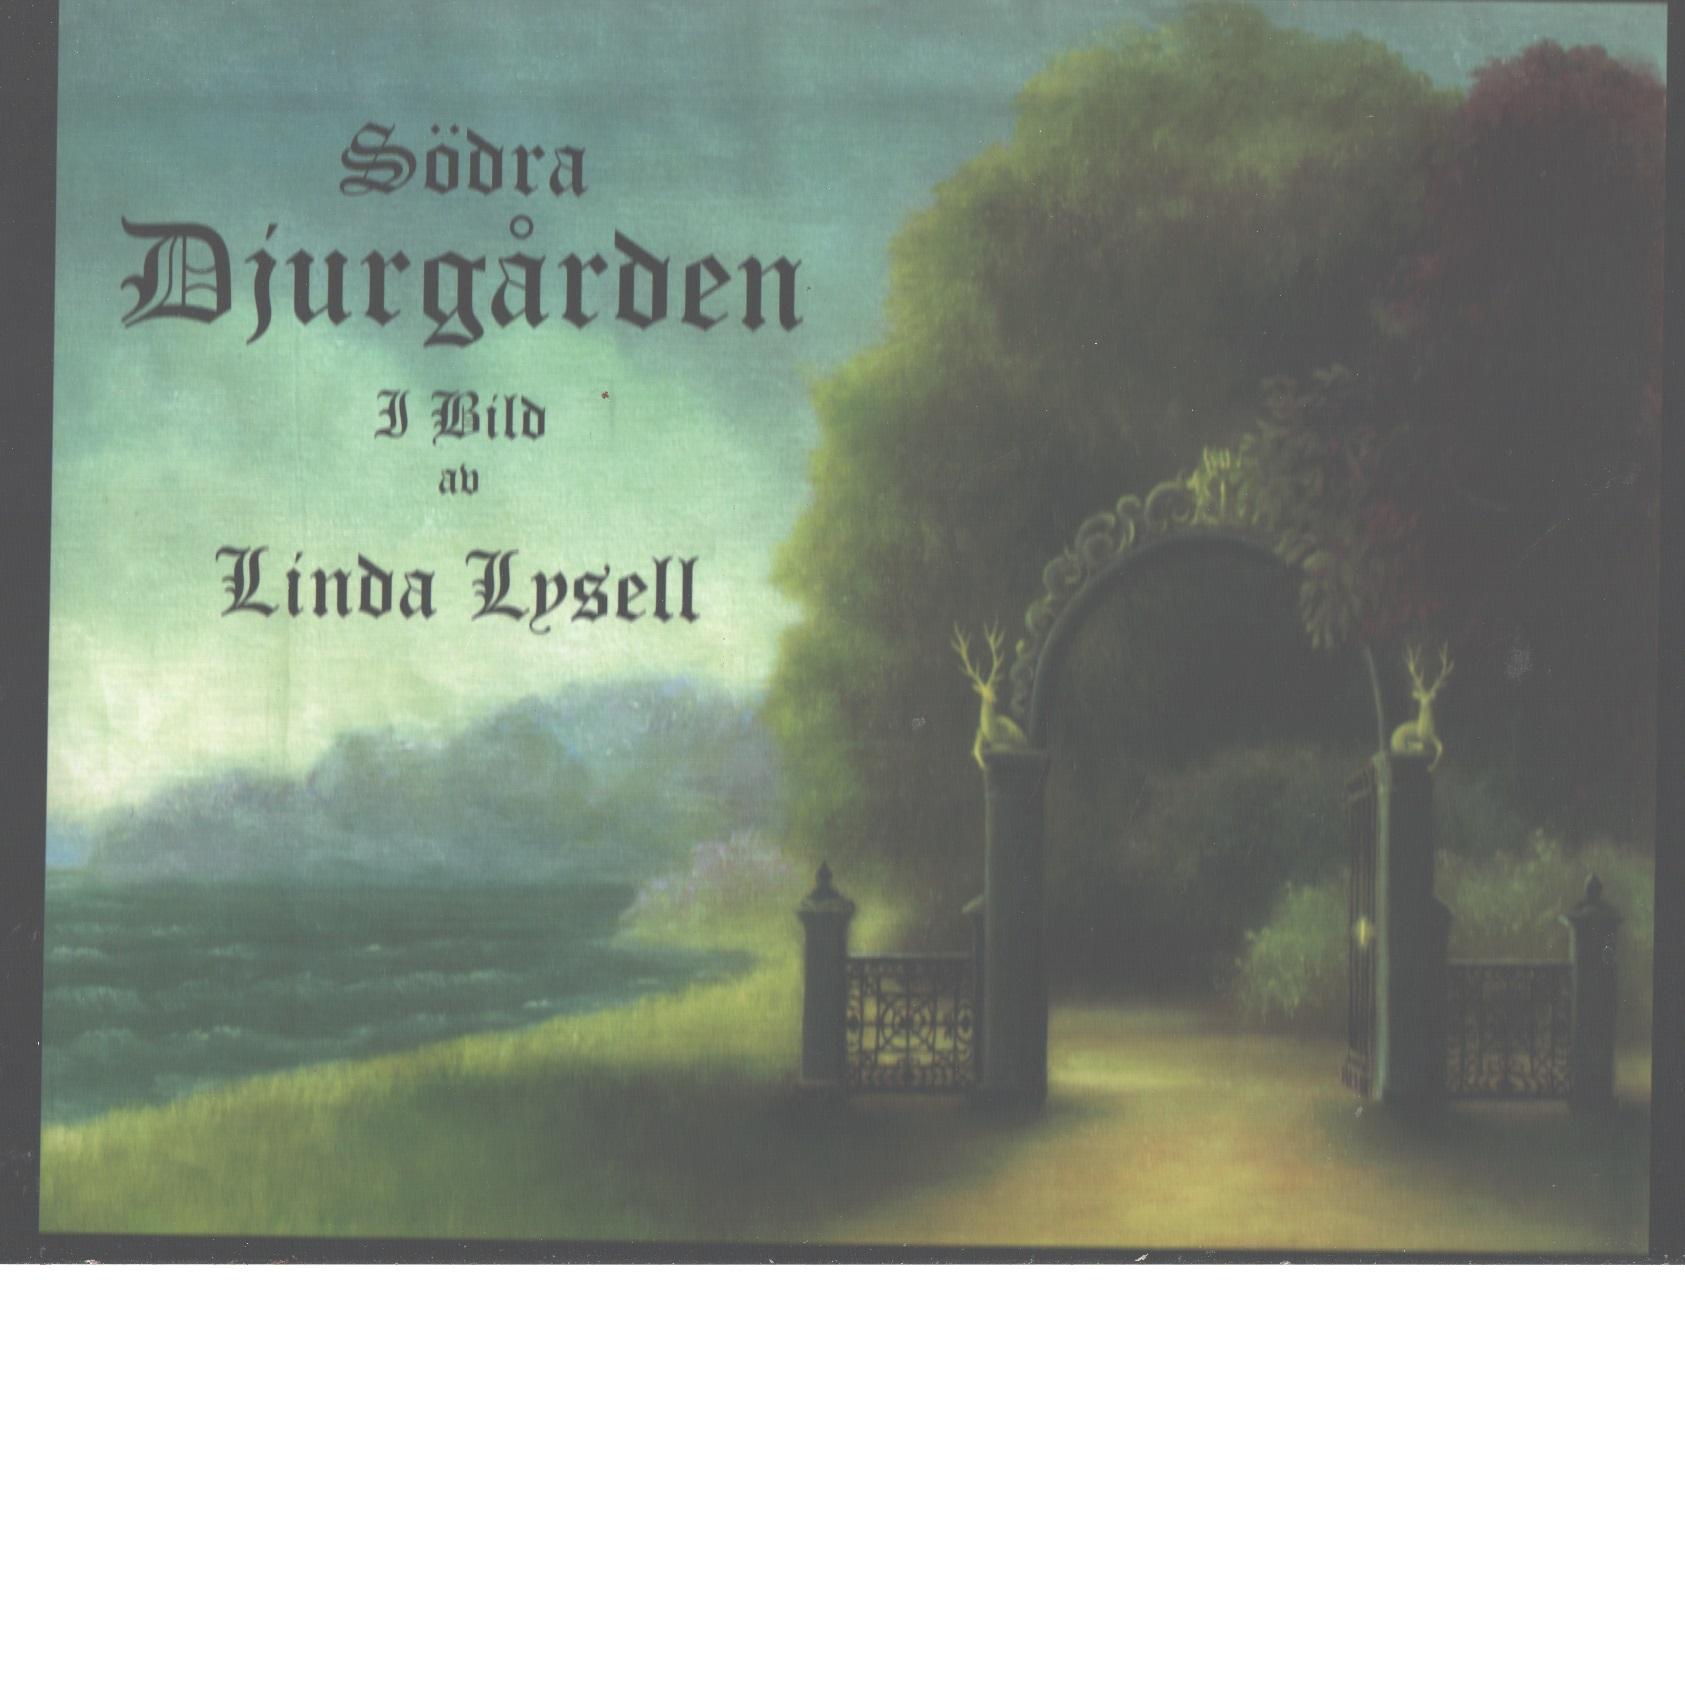 Södra Djurgården i bild - Lysell, Linda